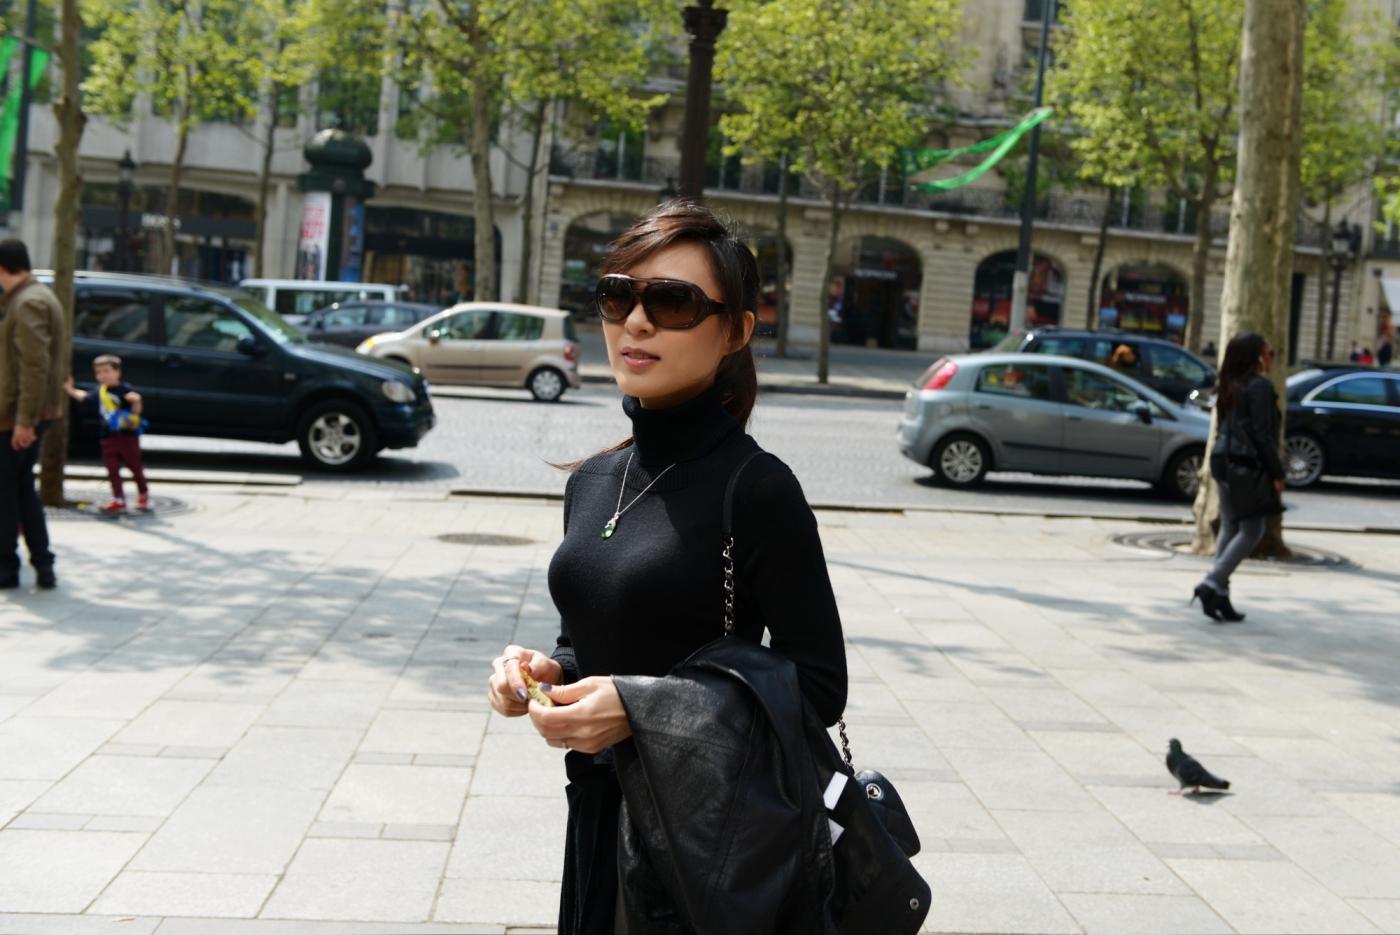 巴黎春天_图1-36